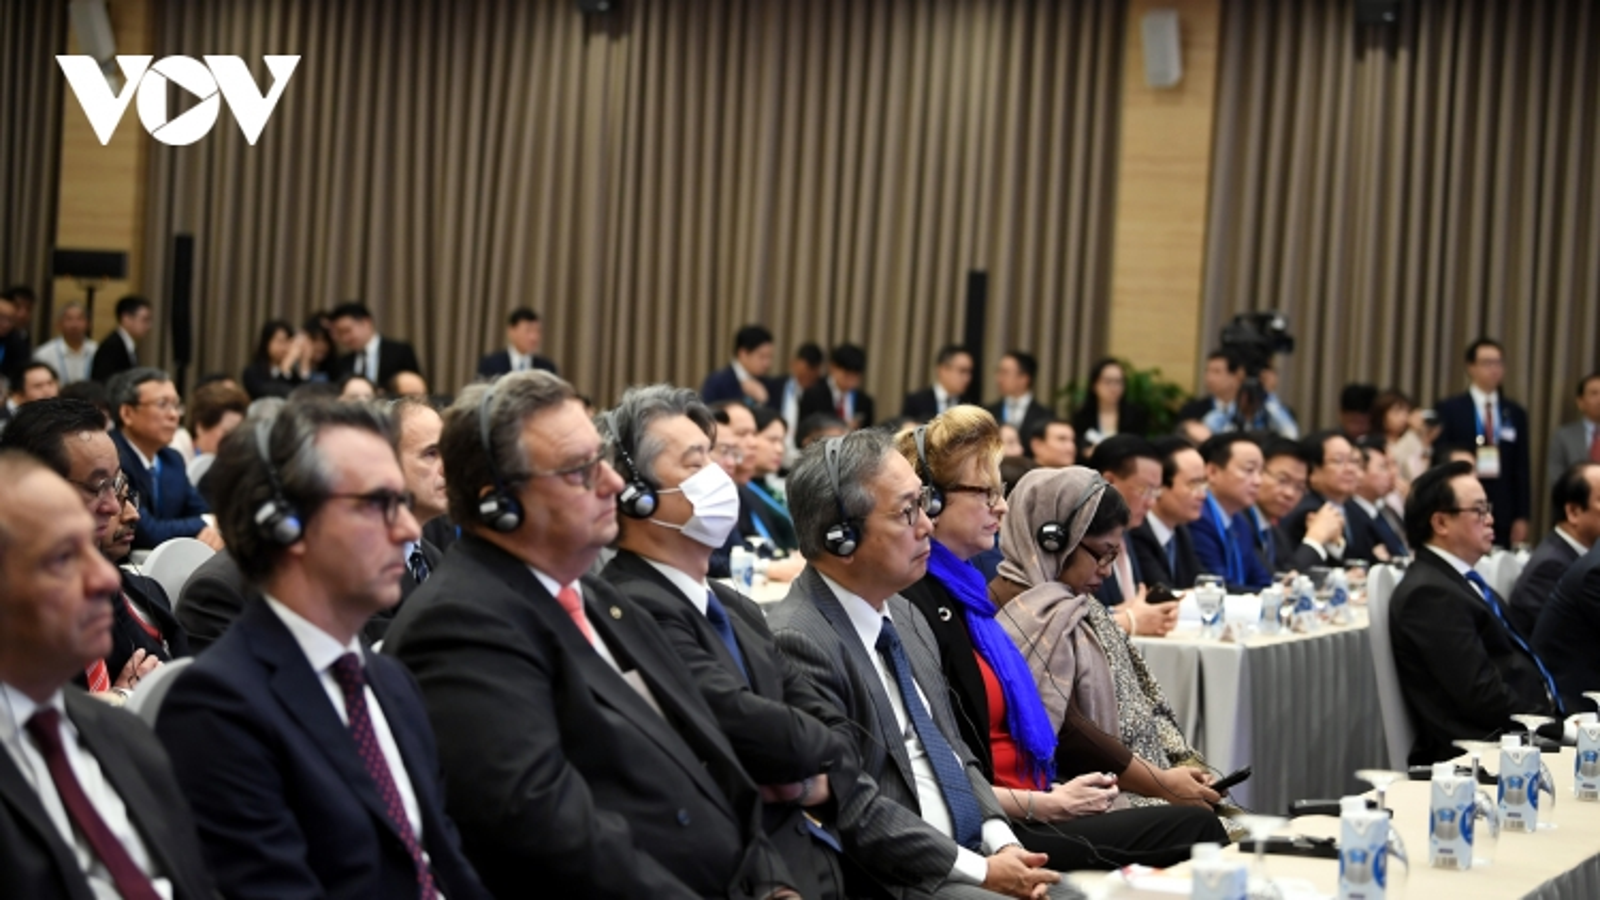 Ảnh: Toàn cảnh phiên khai mạc Hội nghị Cấp cao ASEAN 37